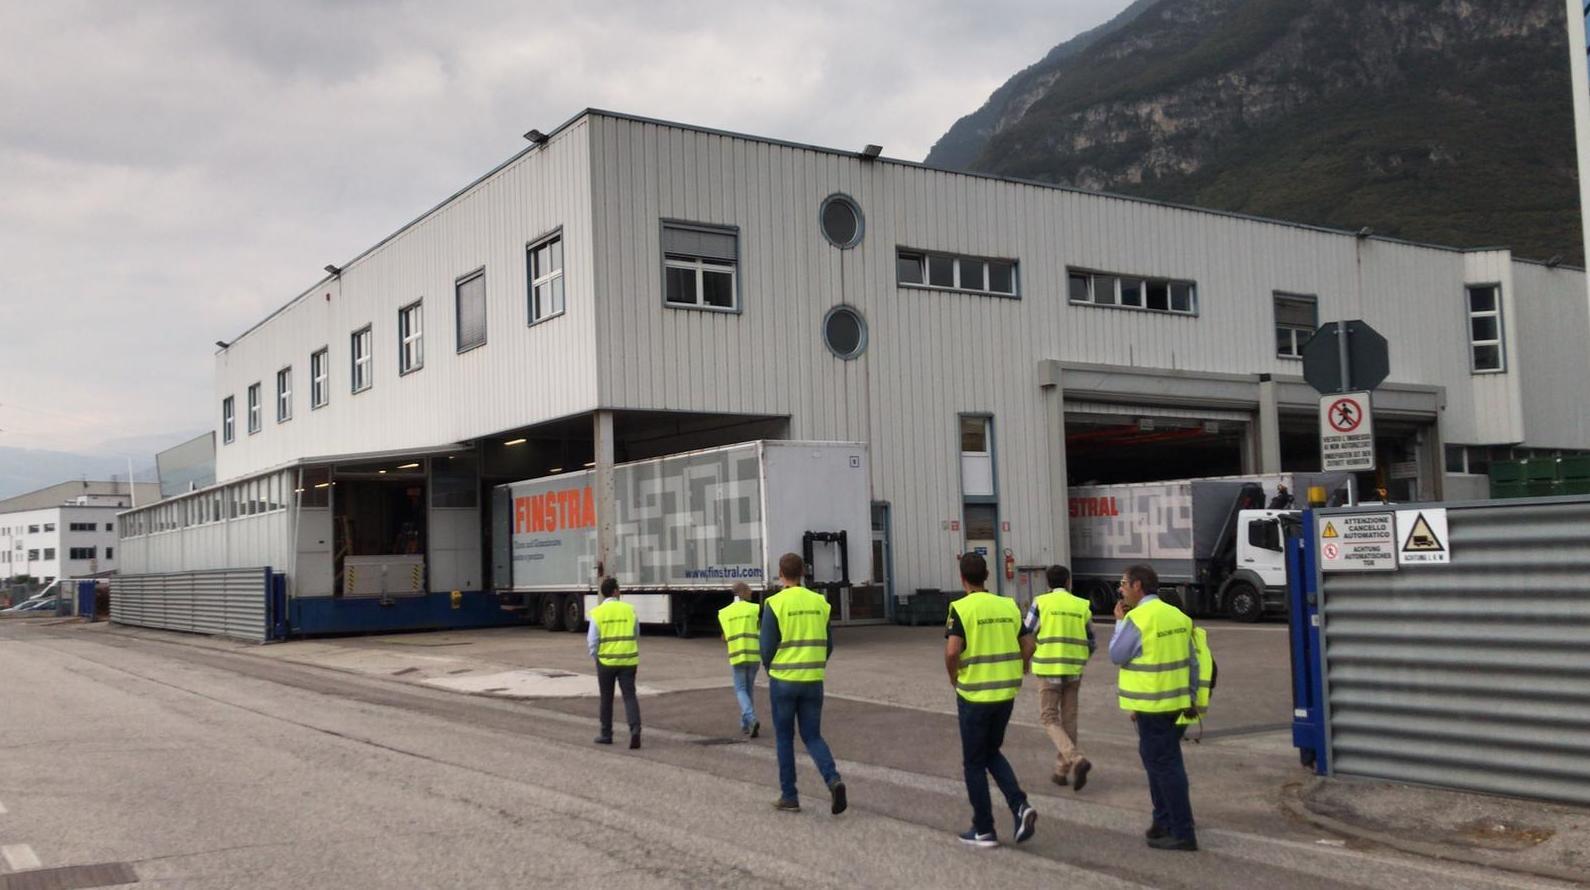 Visita instalaciones FINSTRAL fabrica de carpinteria de PVC